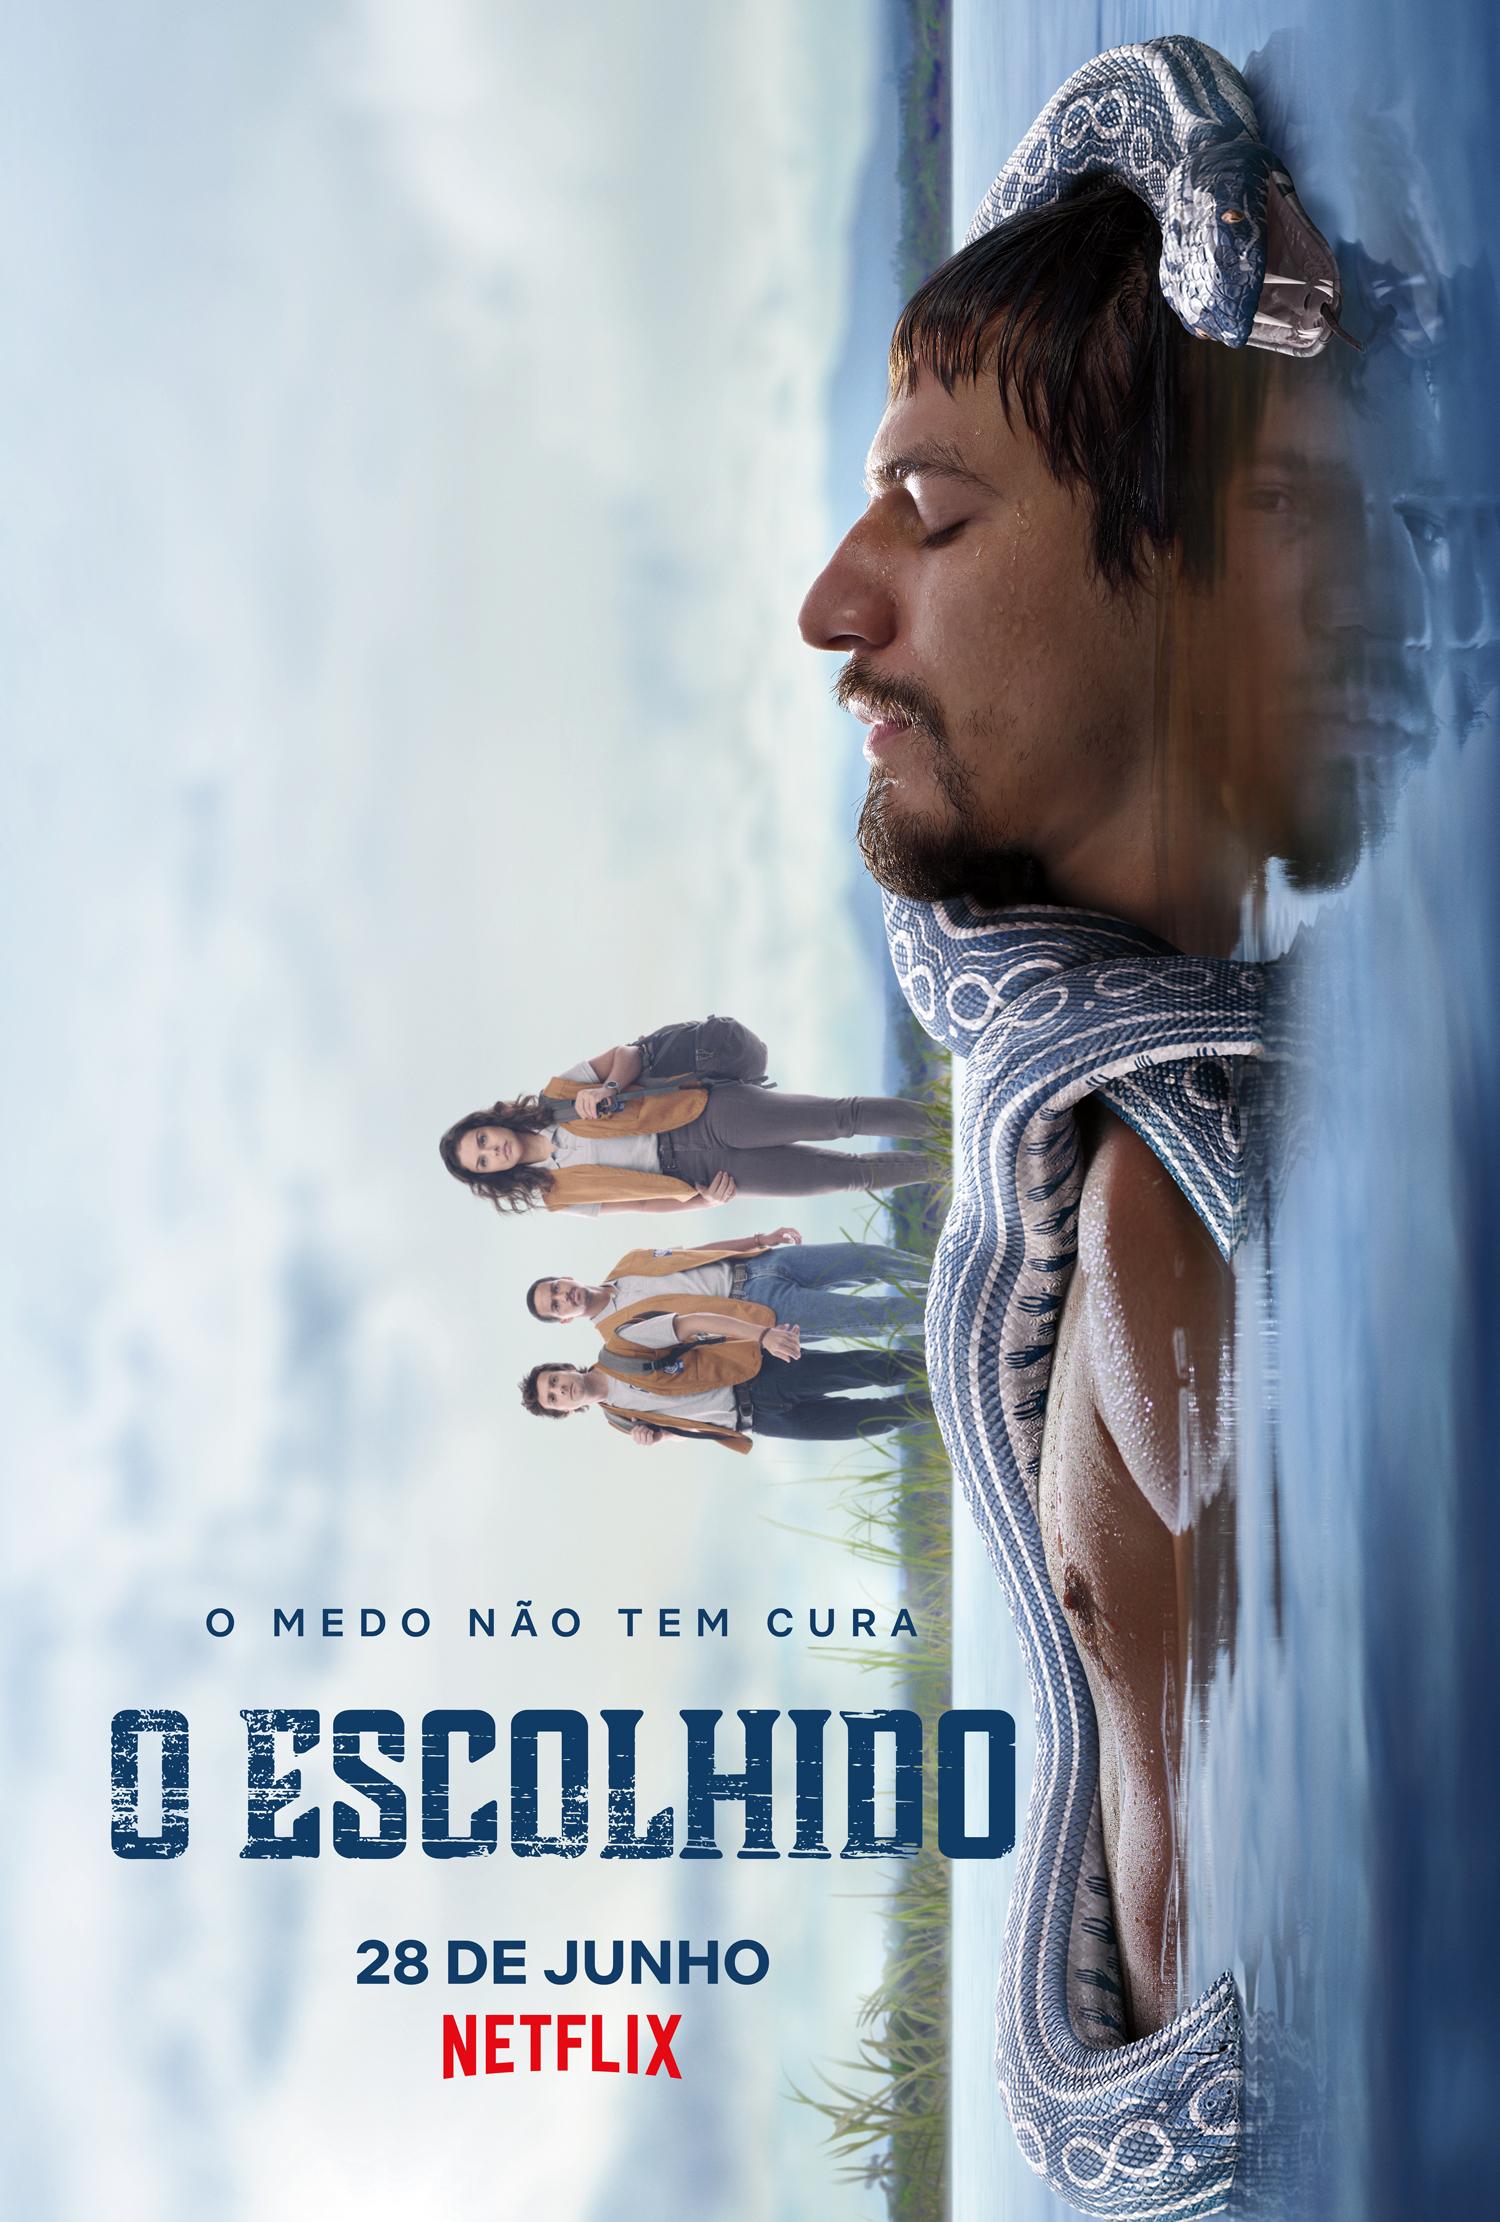 El Elegido Poster.jpg